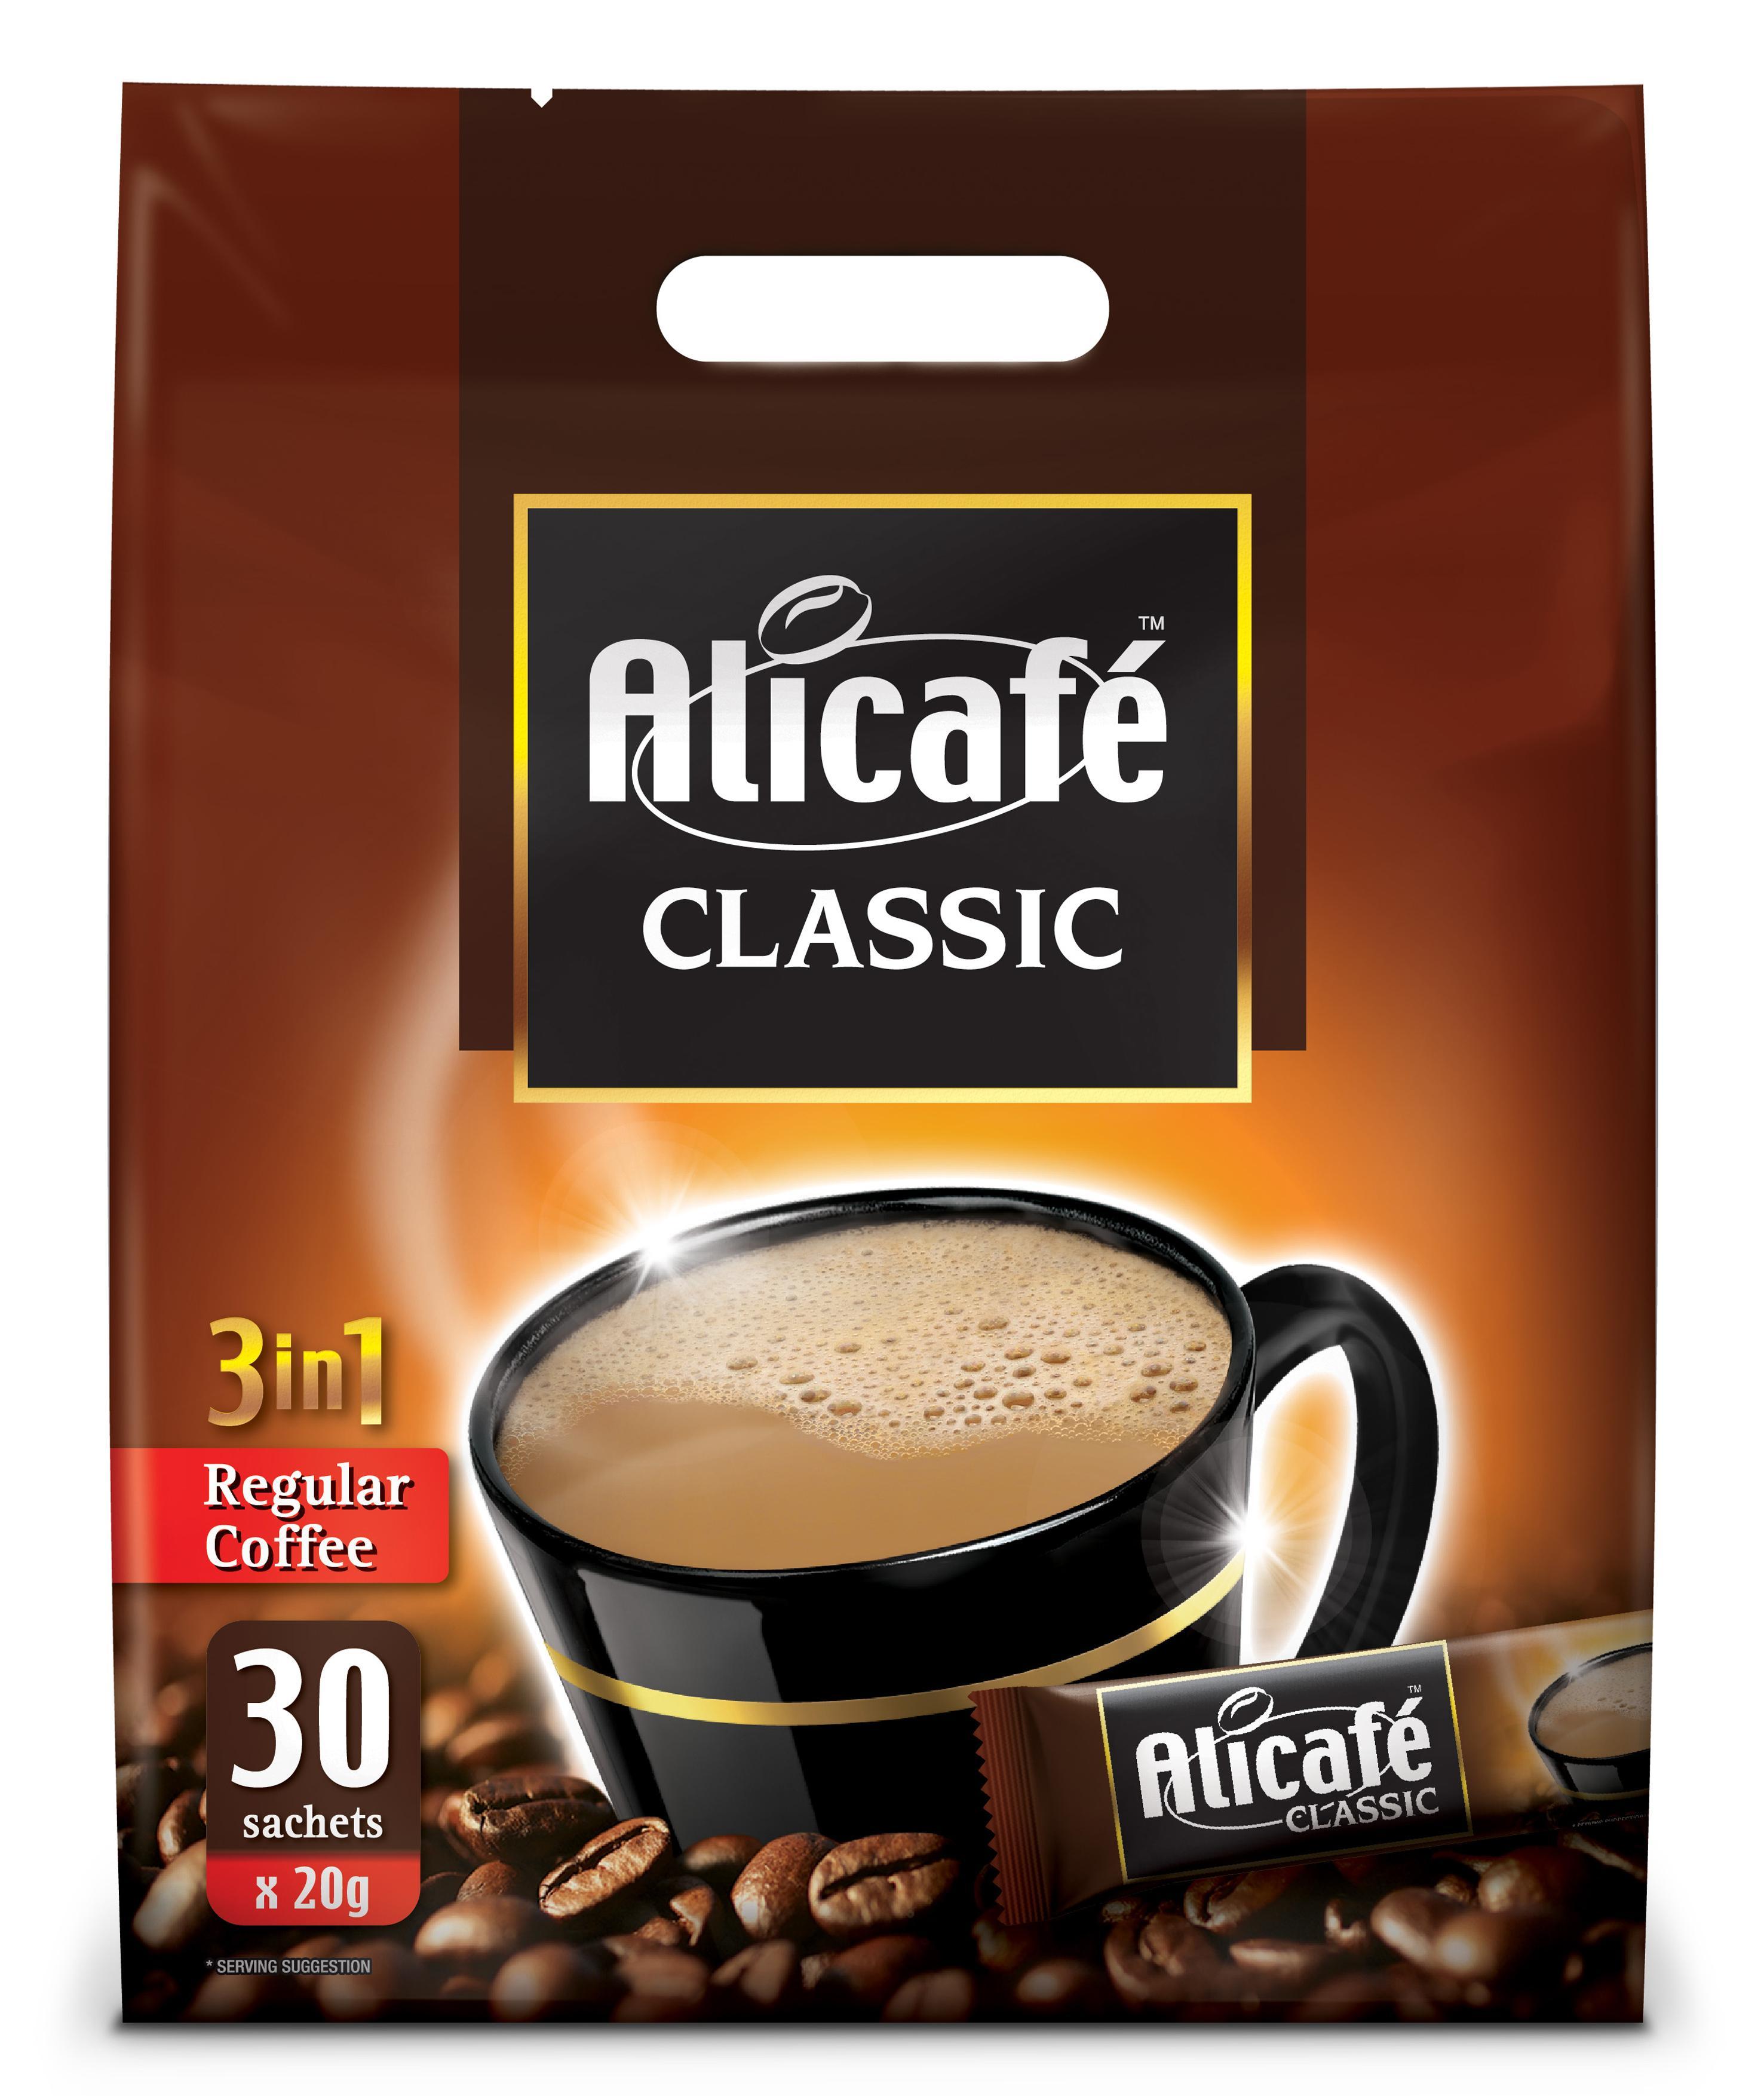 Alicafé Classic 3in1